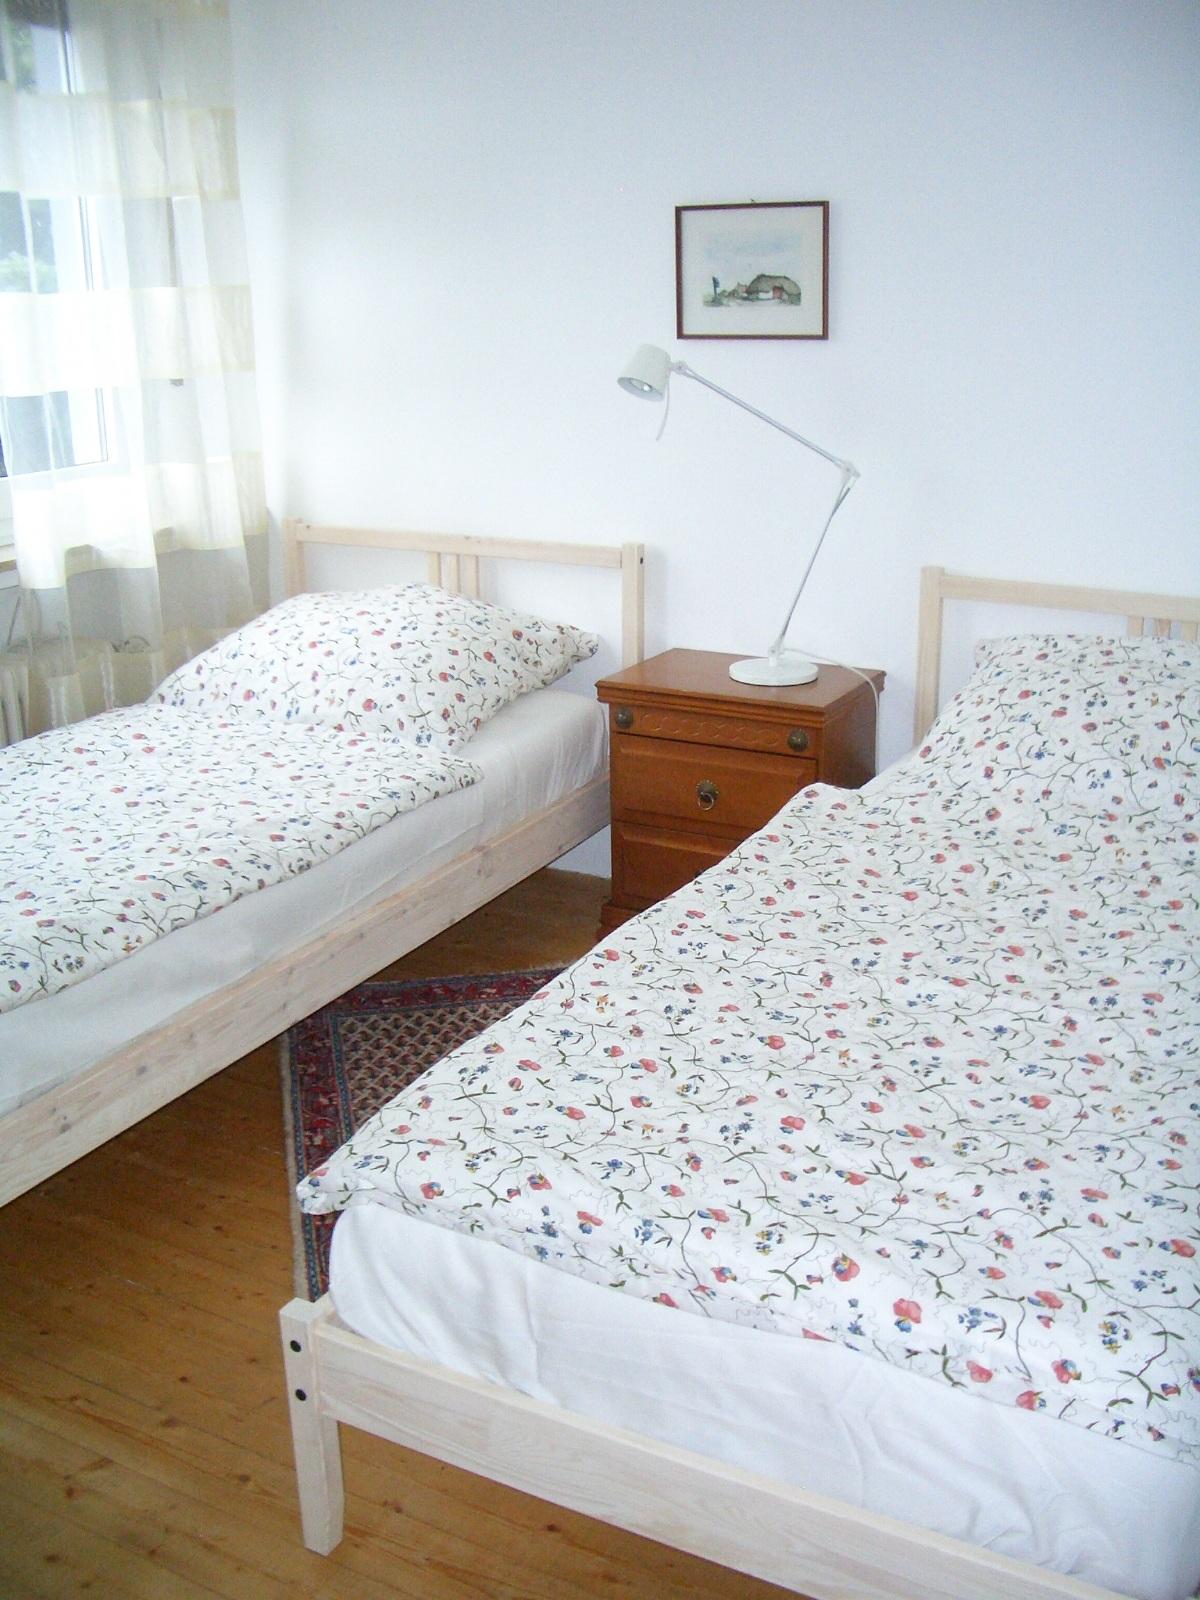 issum g nstige monteurzimmer unterkunft ferienwohnung. Black Bedroom Furniture Sets. Home Design Ideas